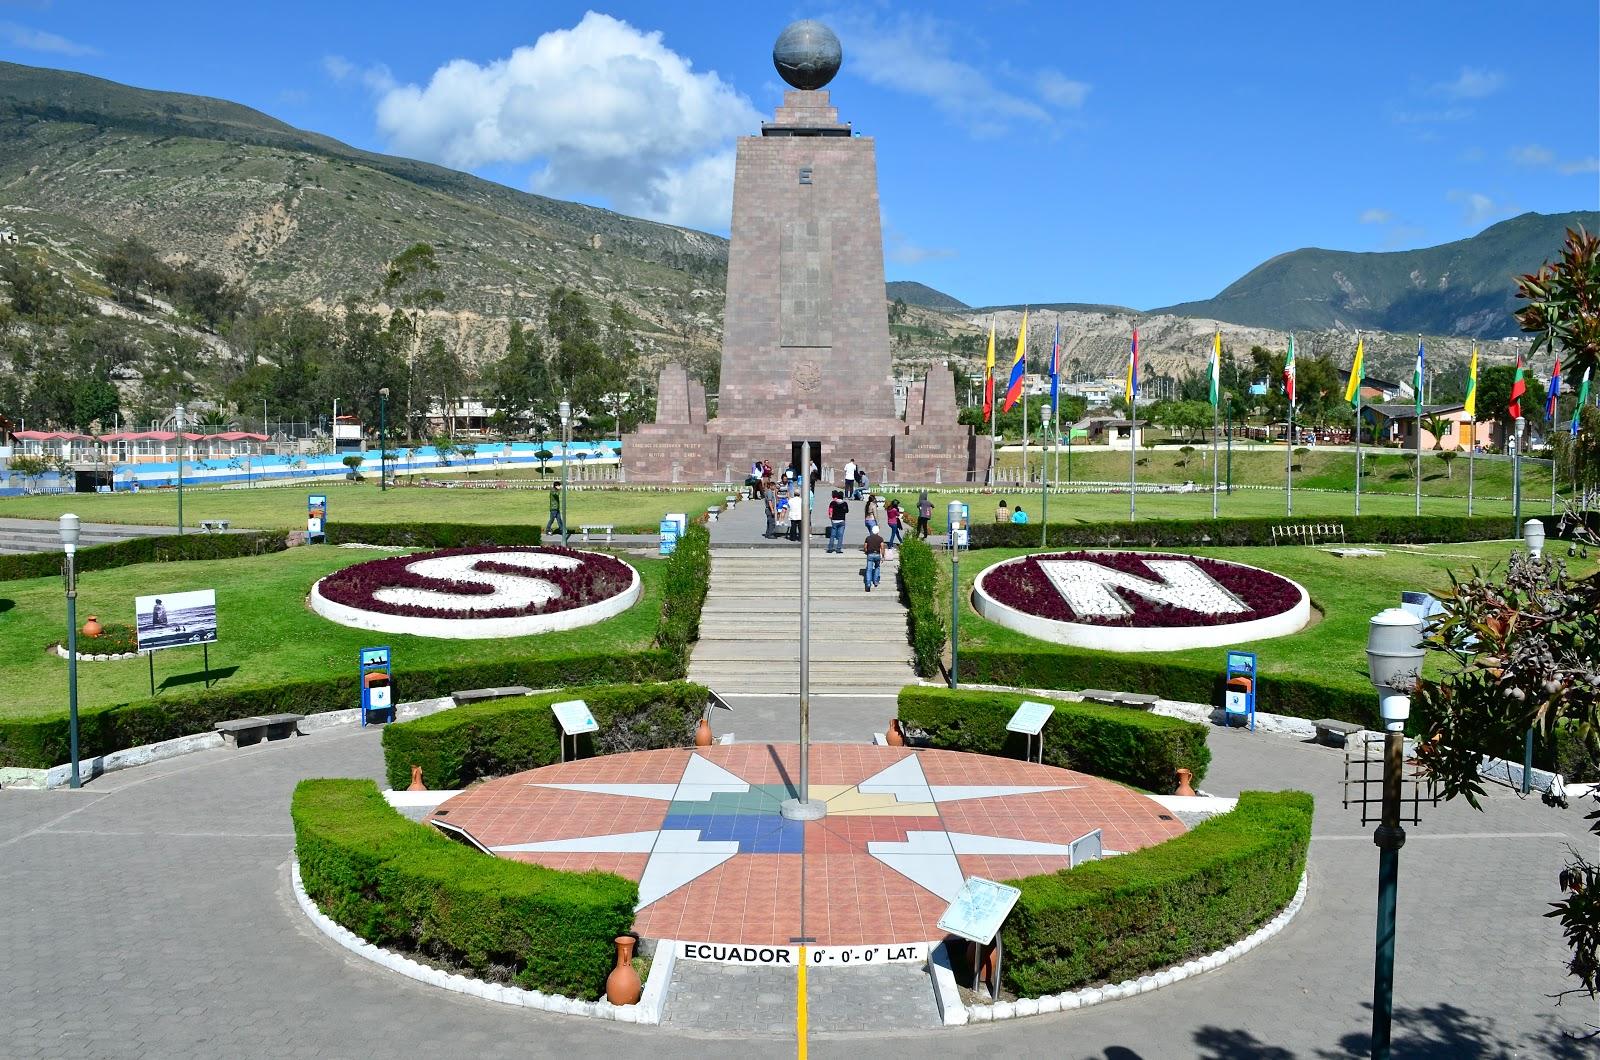 Monumento a la Mitad delMundo